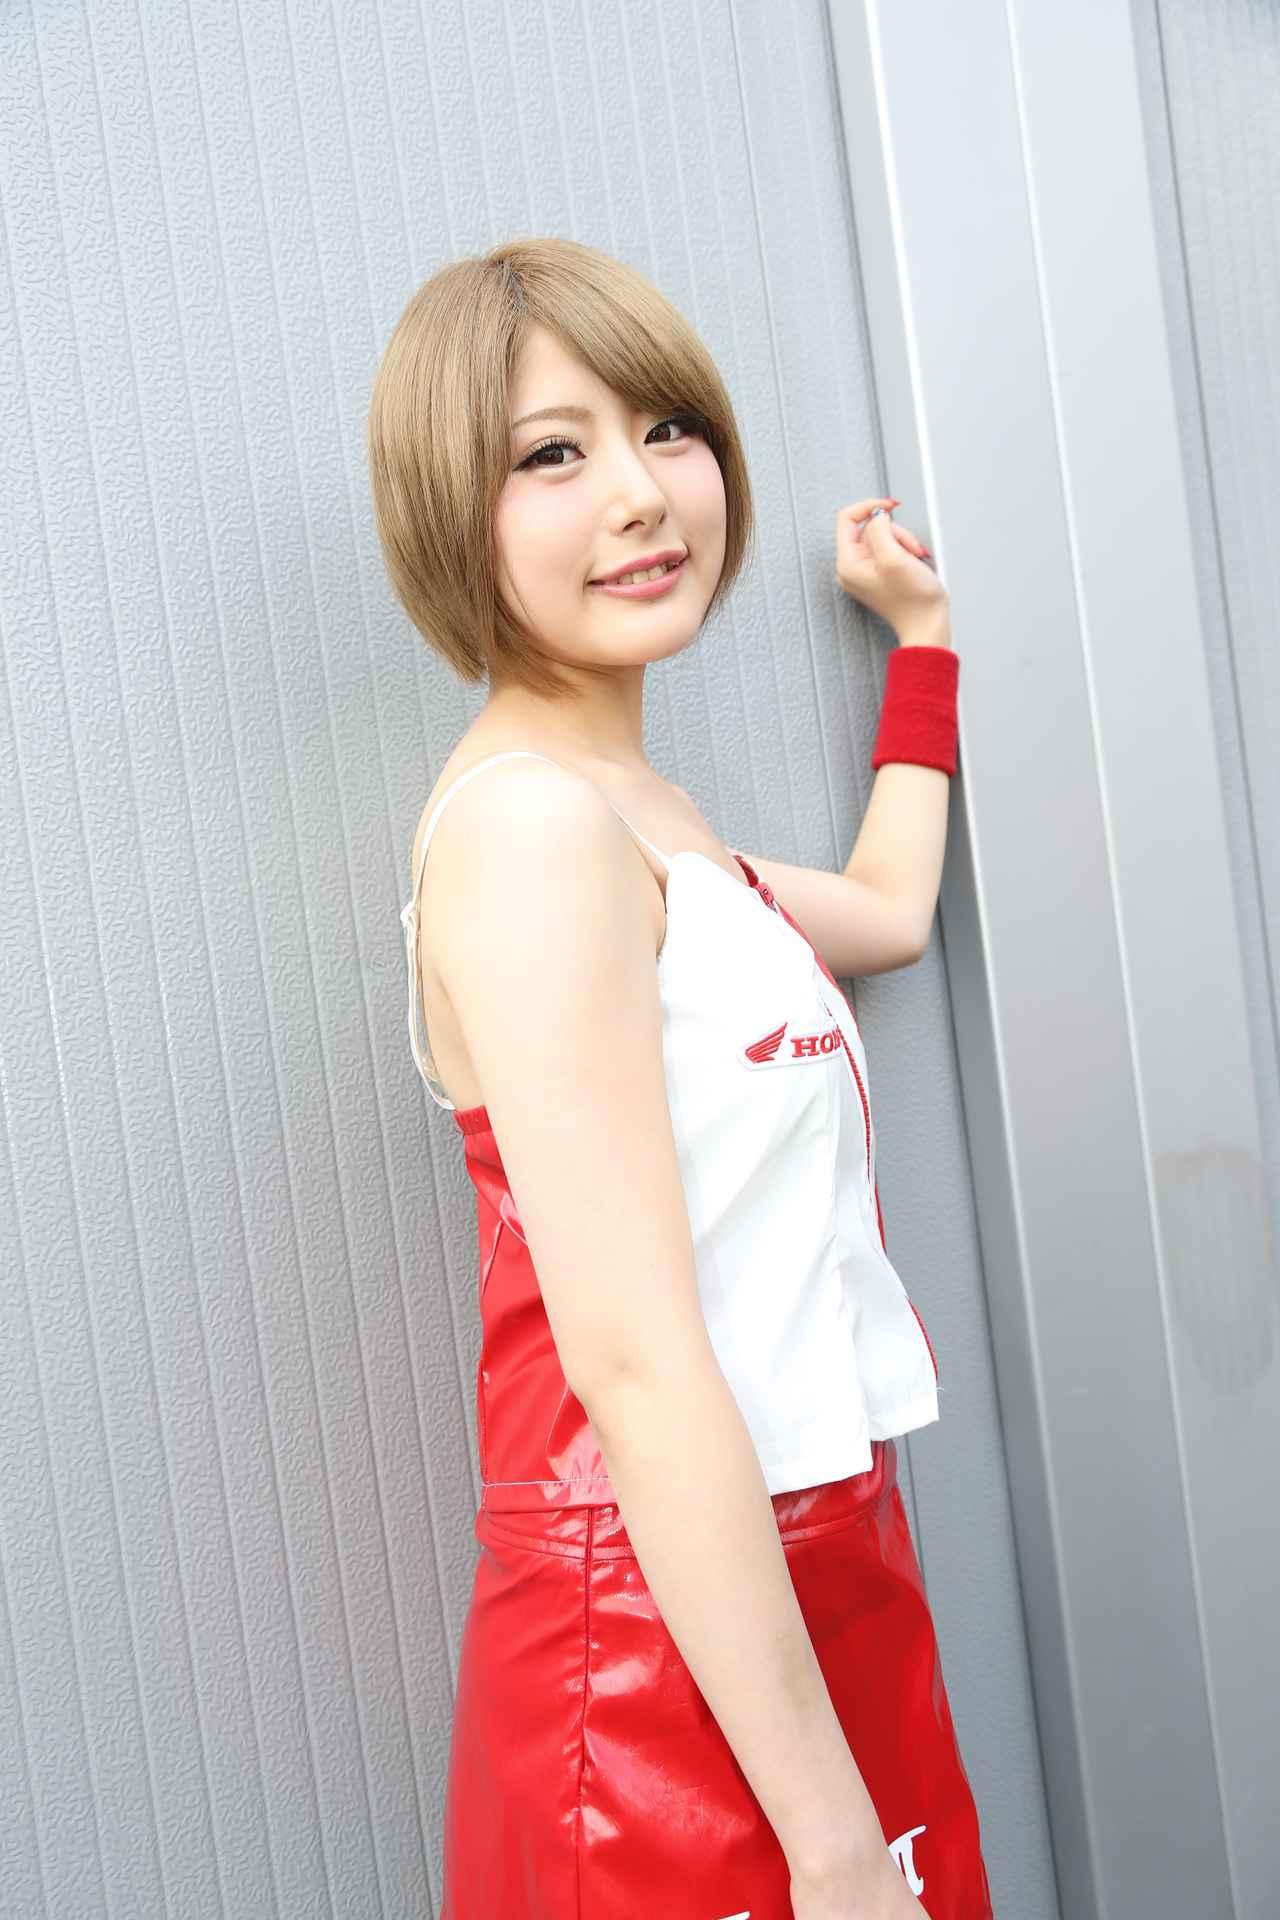 画像3: レースクイーンは藤咲花蓮さん!